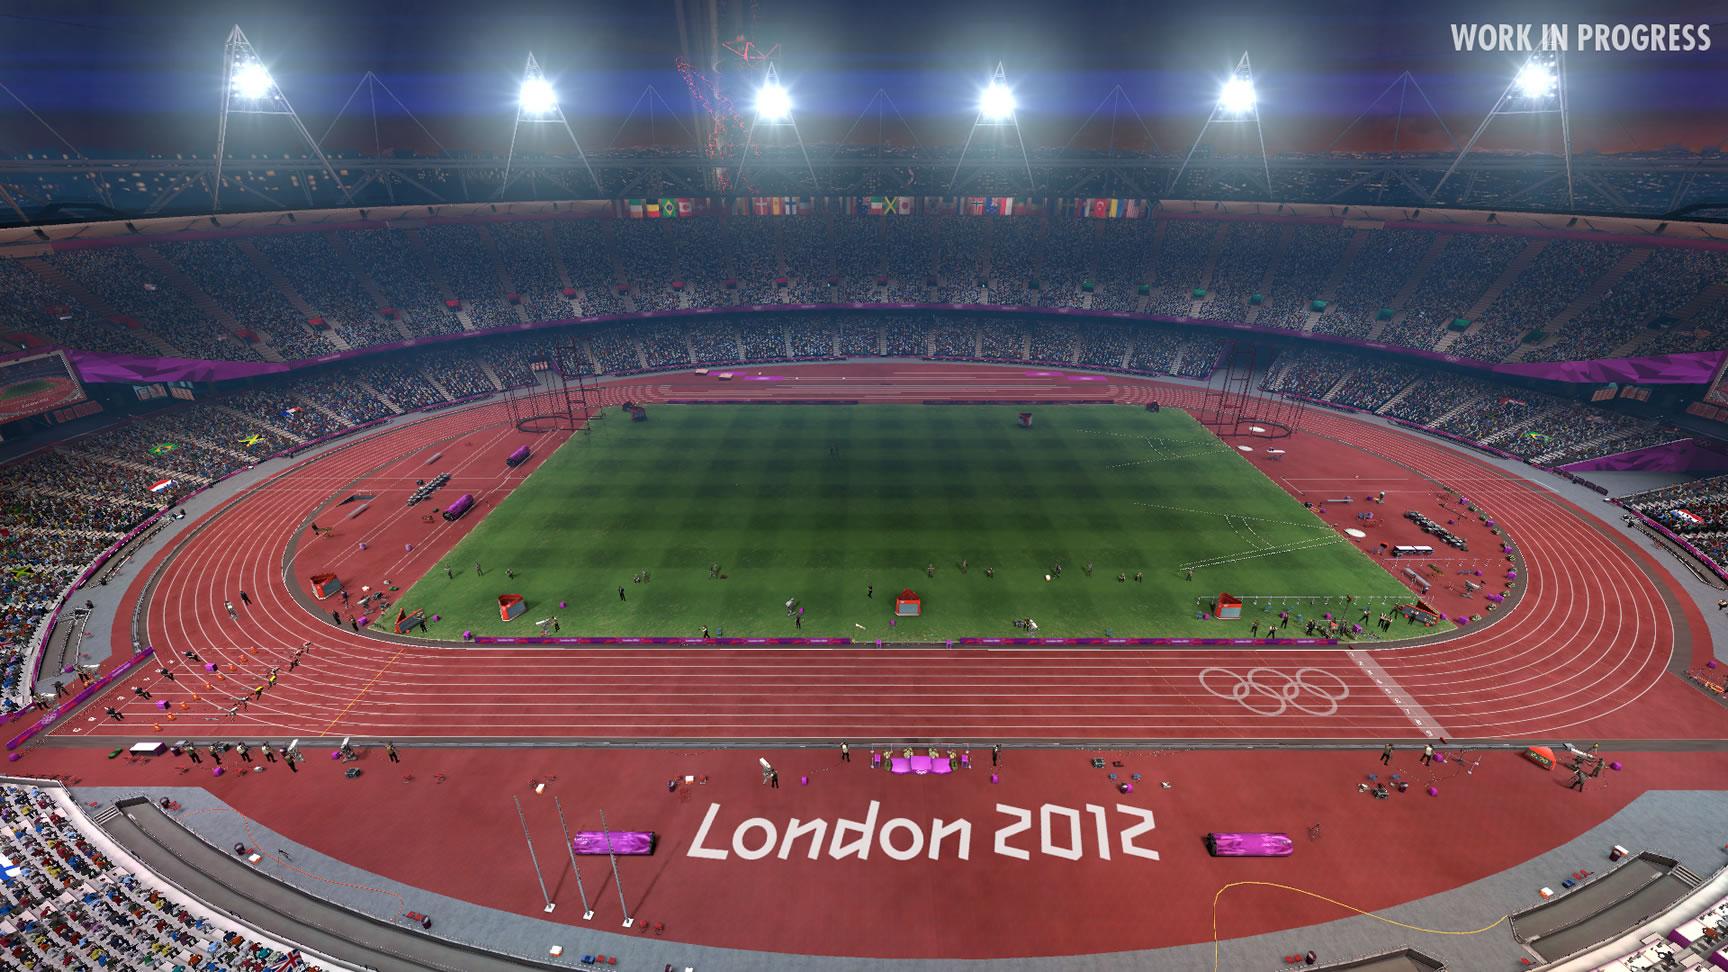 stade olympique de londres - photo #35